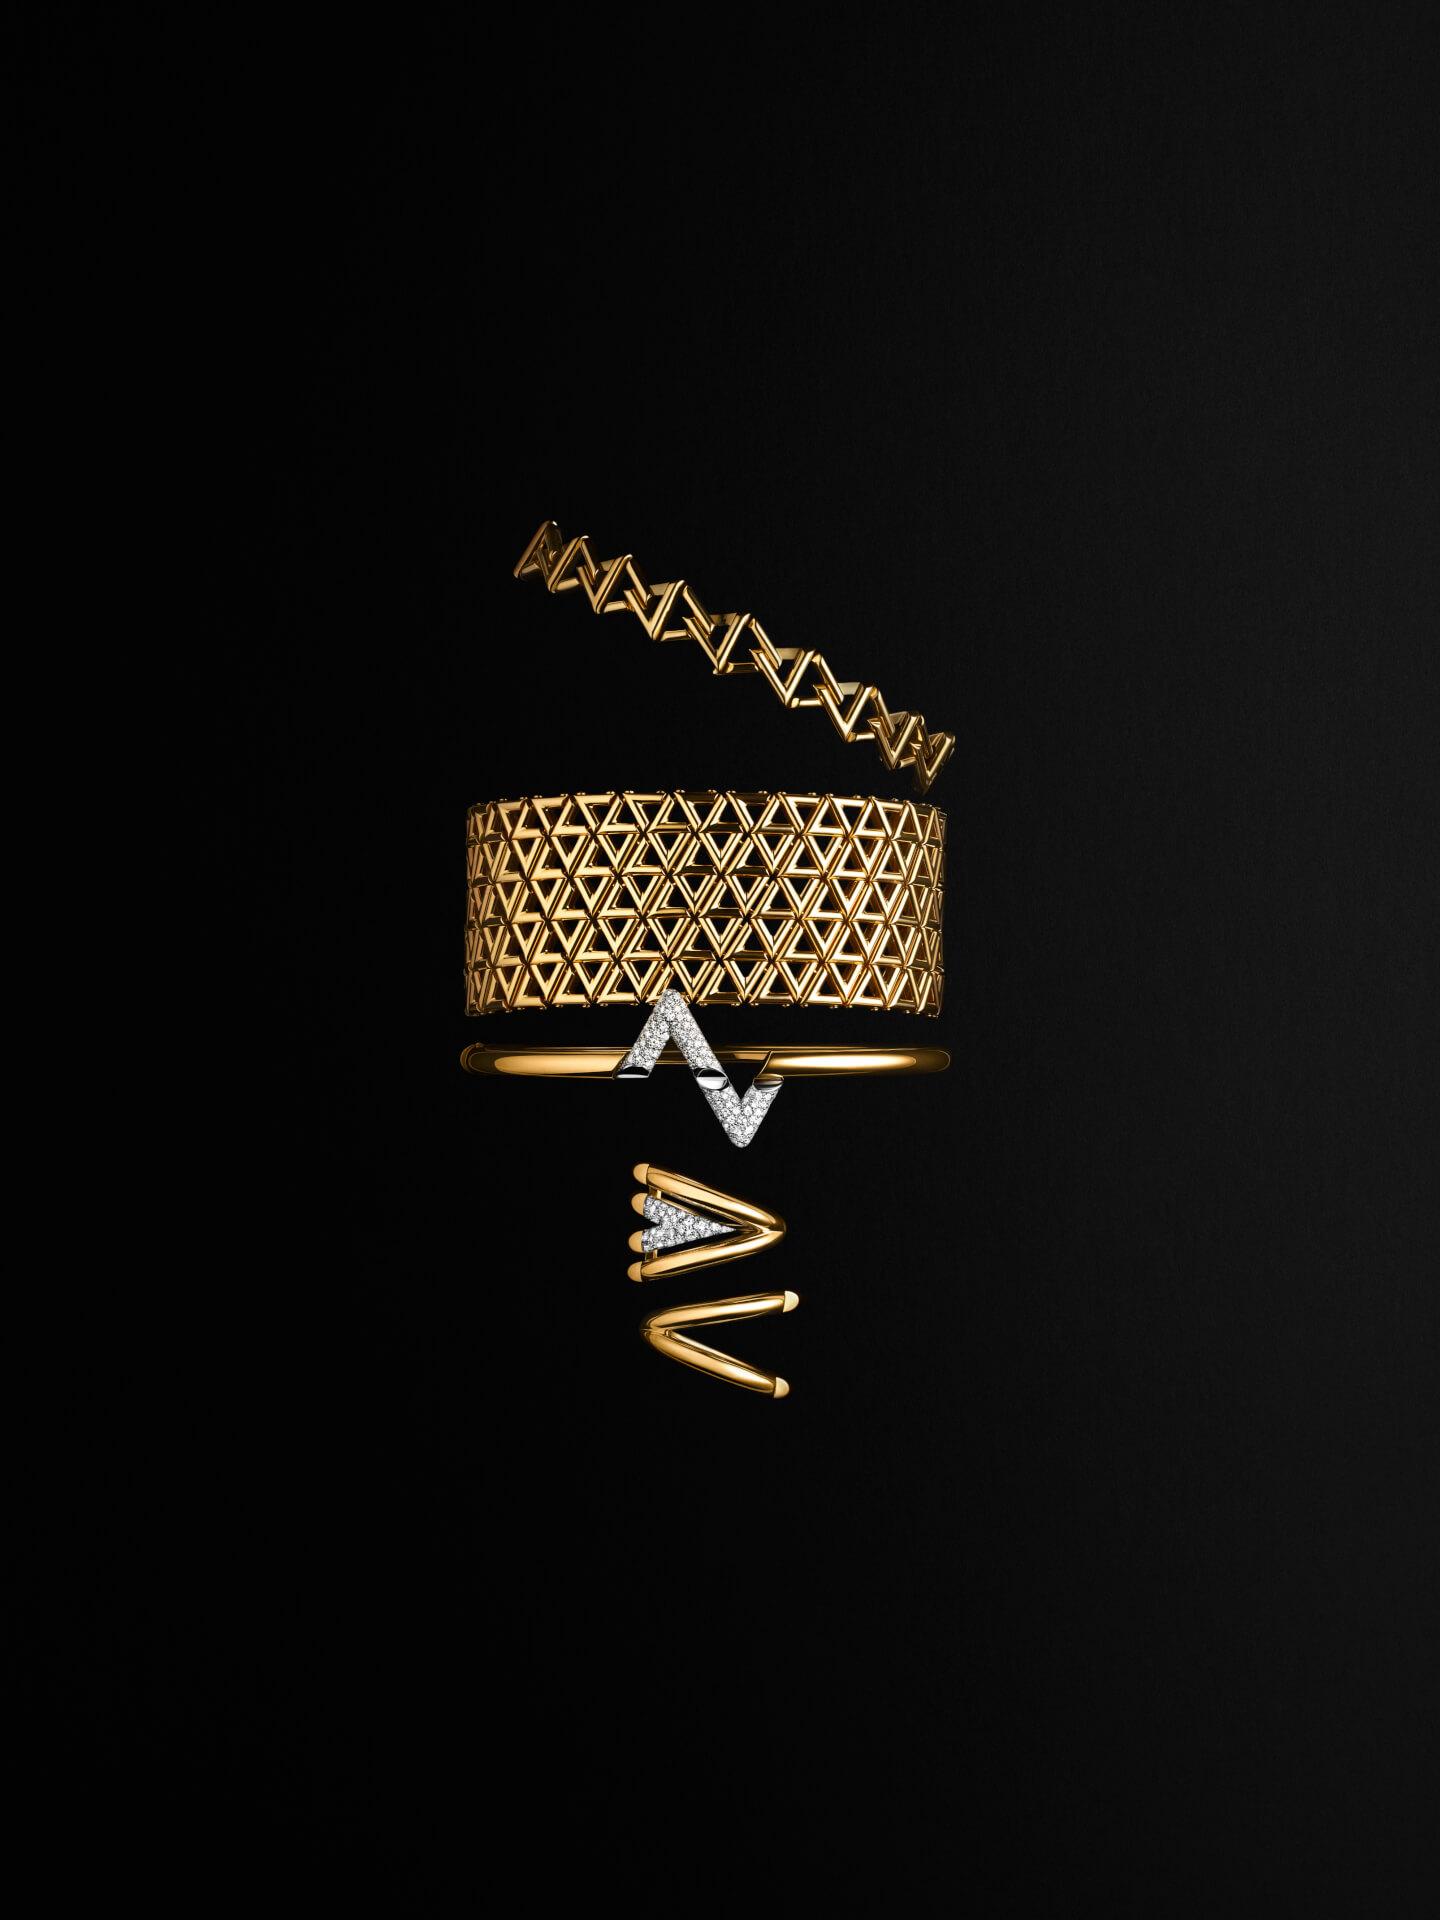 ルイ・ヴィトンから新作ジュエリーコレクション「LV ヴォルト」が発売決定!ブランド初となるユニセックスのデザインに fashion2020728_louisvuitton8